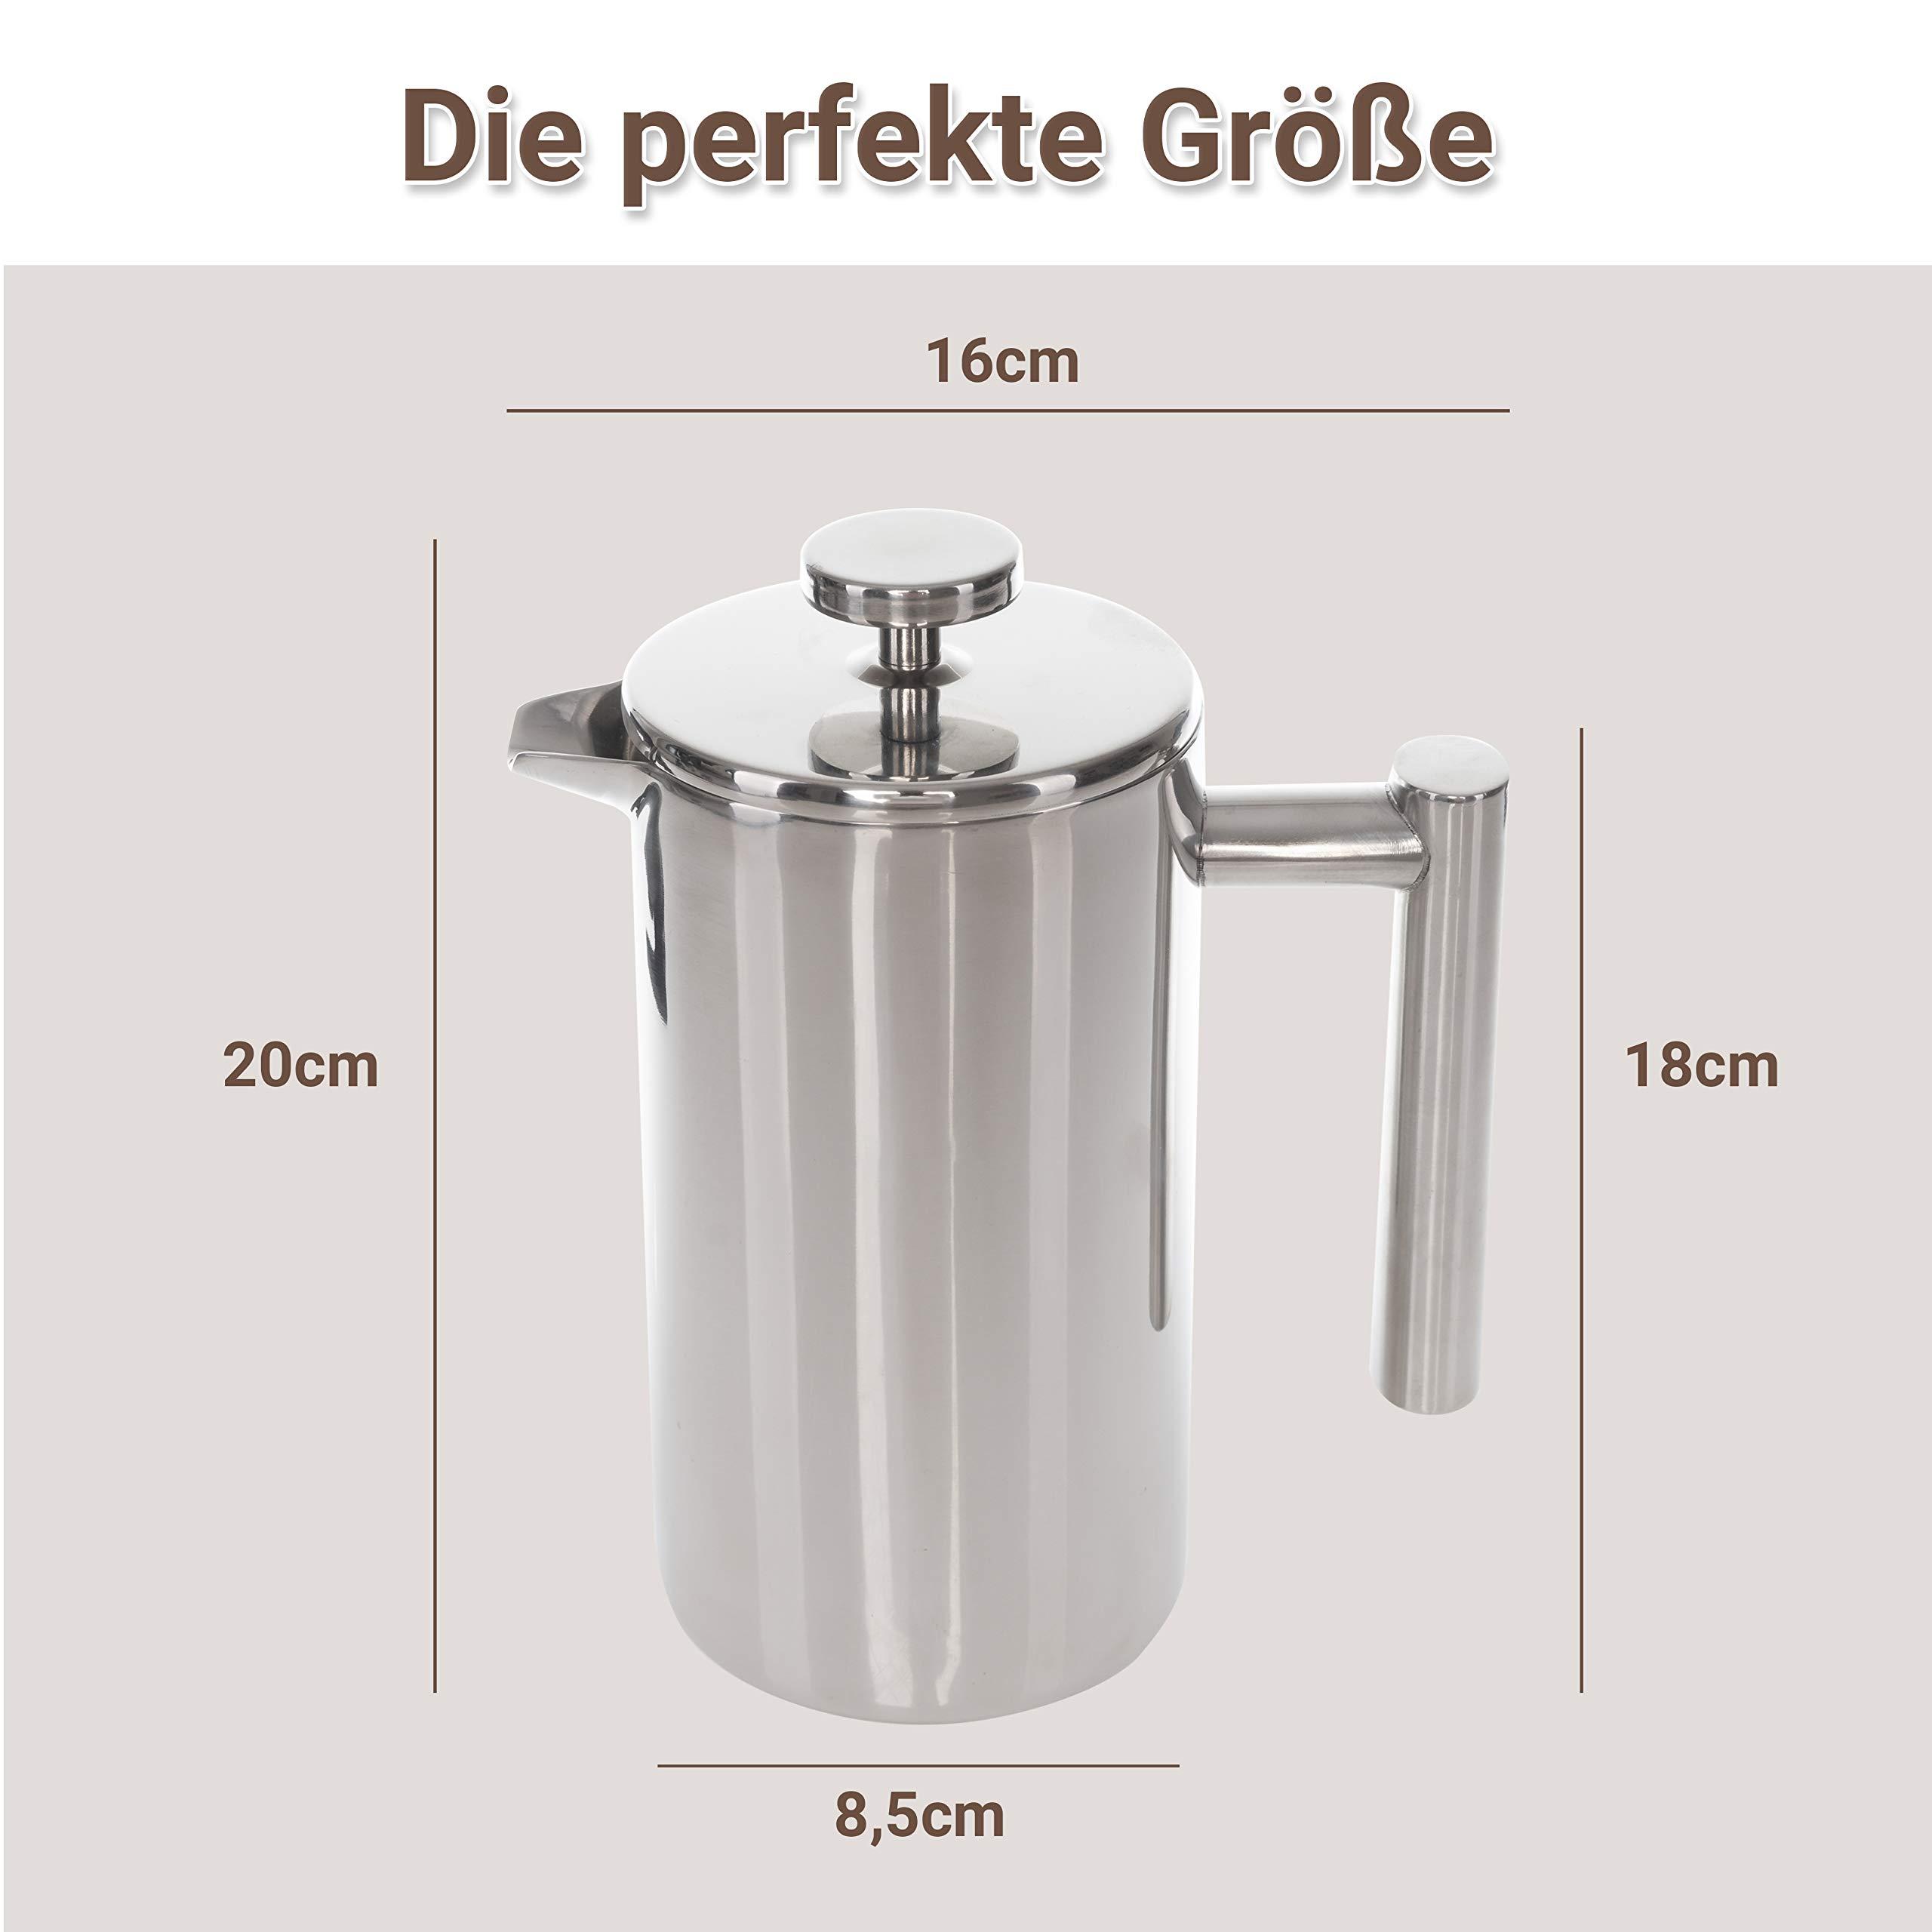 Premium Edelstahl French Press 0,6L Isolierwirkung Dank Doppelwandiger Bauform